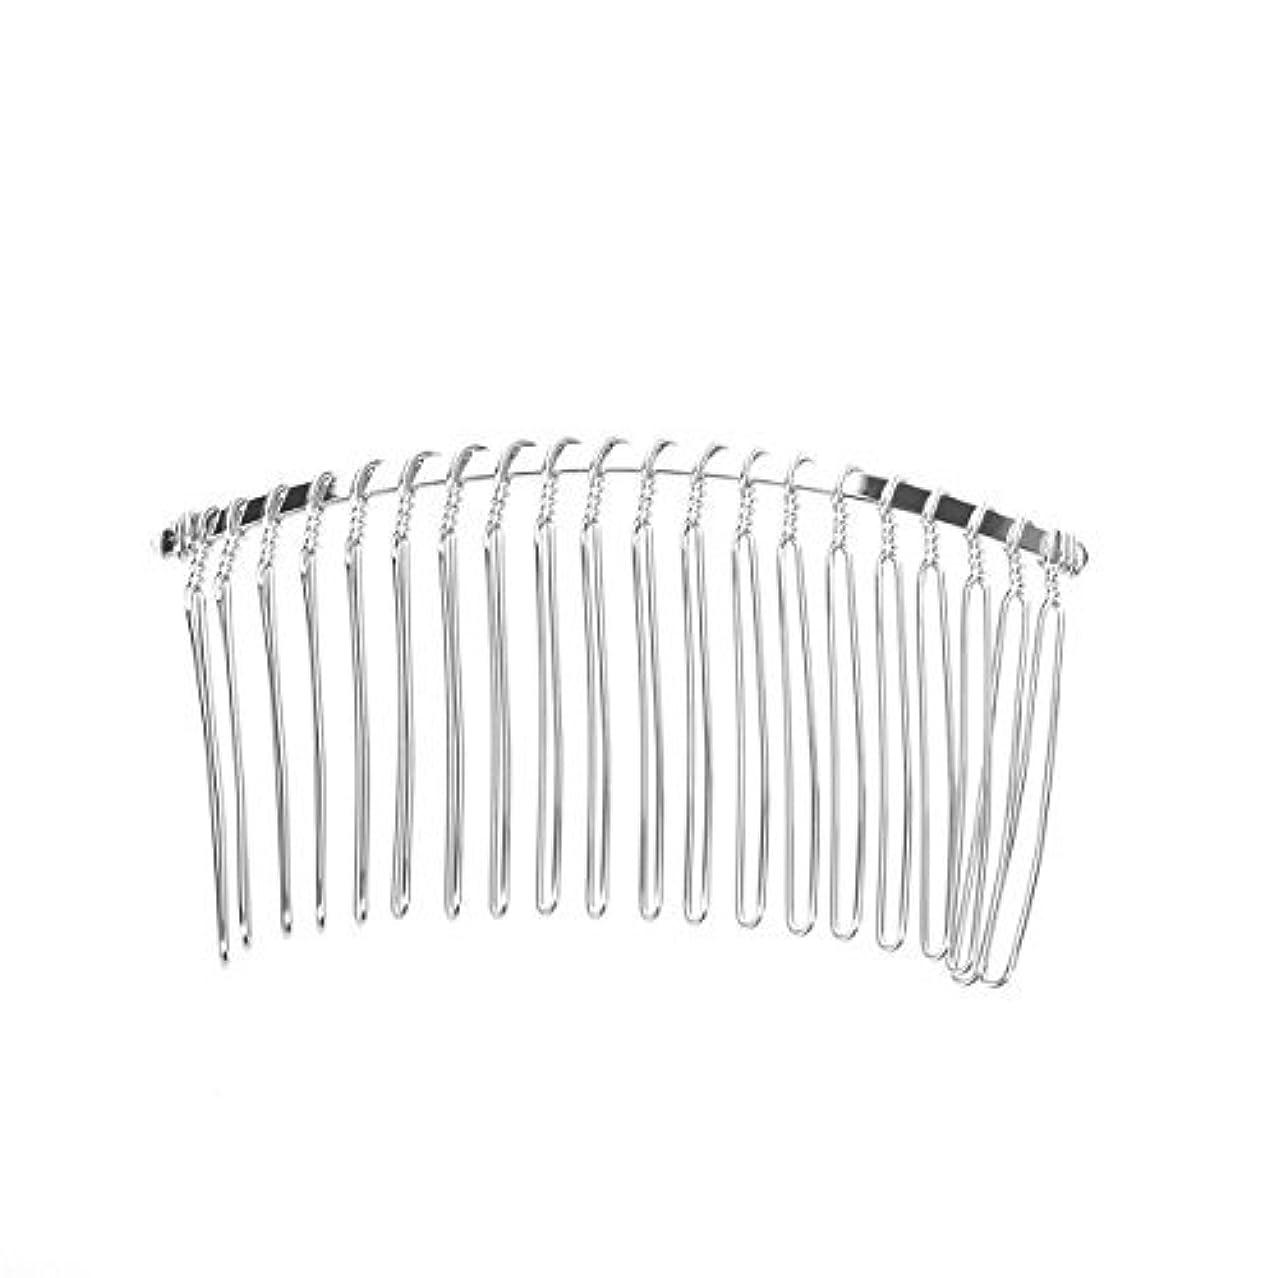 残忍な閲覧する九月Pixnor 7.8cm 20 Teeth Fancy DIY Metal Wire Hair Clip Comb Bridal Wedding Veil Comb (Silver) [並行輸入品]